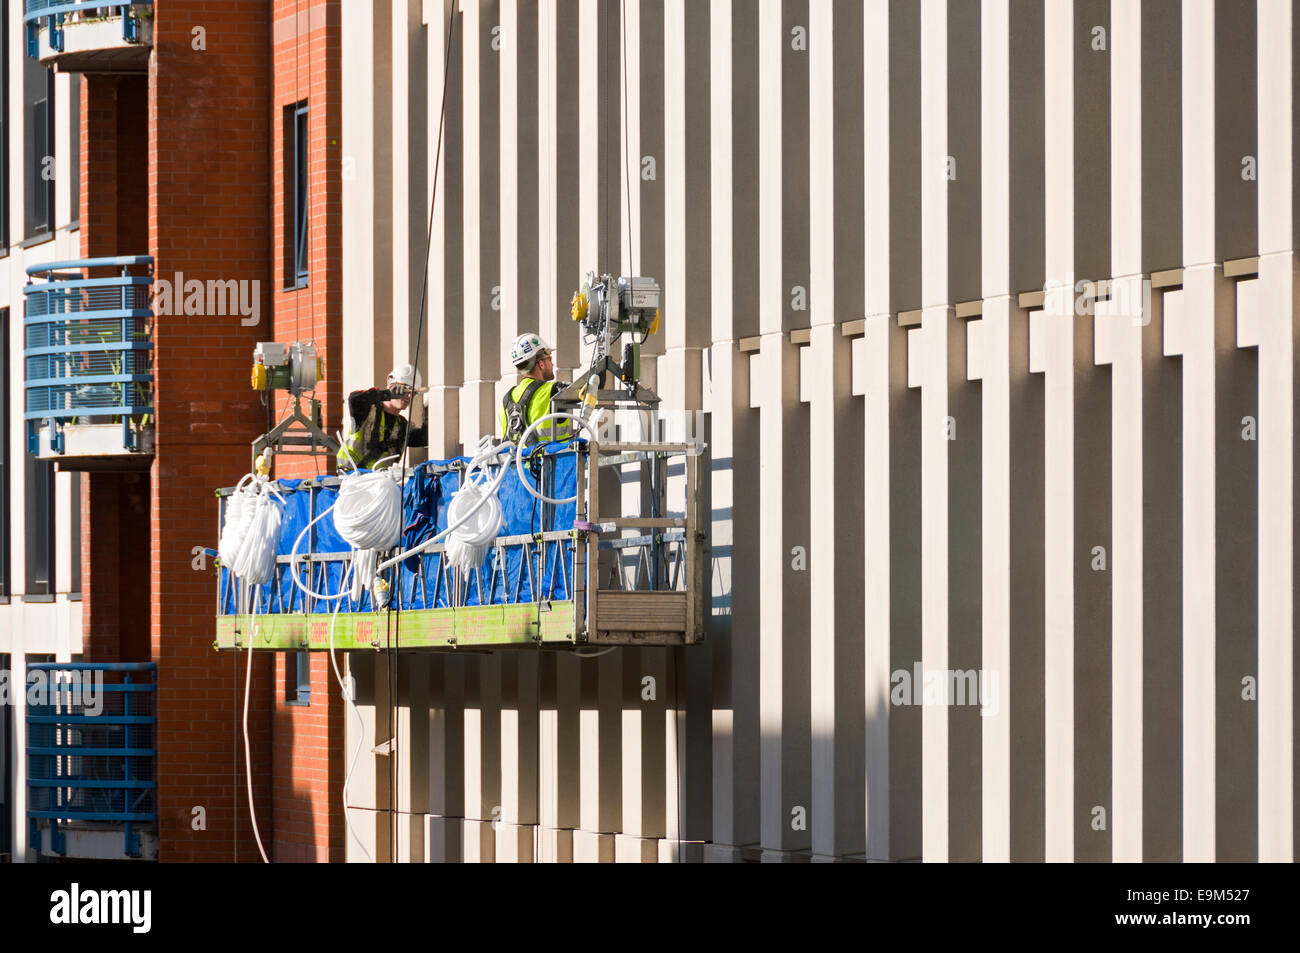 Los trabajadores sobre una base de acceso al nuevo desarrollo de Motel One, Whitworth Street, Manchester, Inglaterra, Imagen De Stock